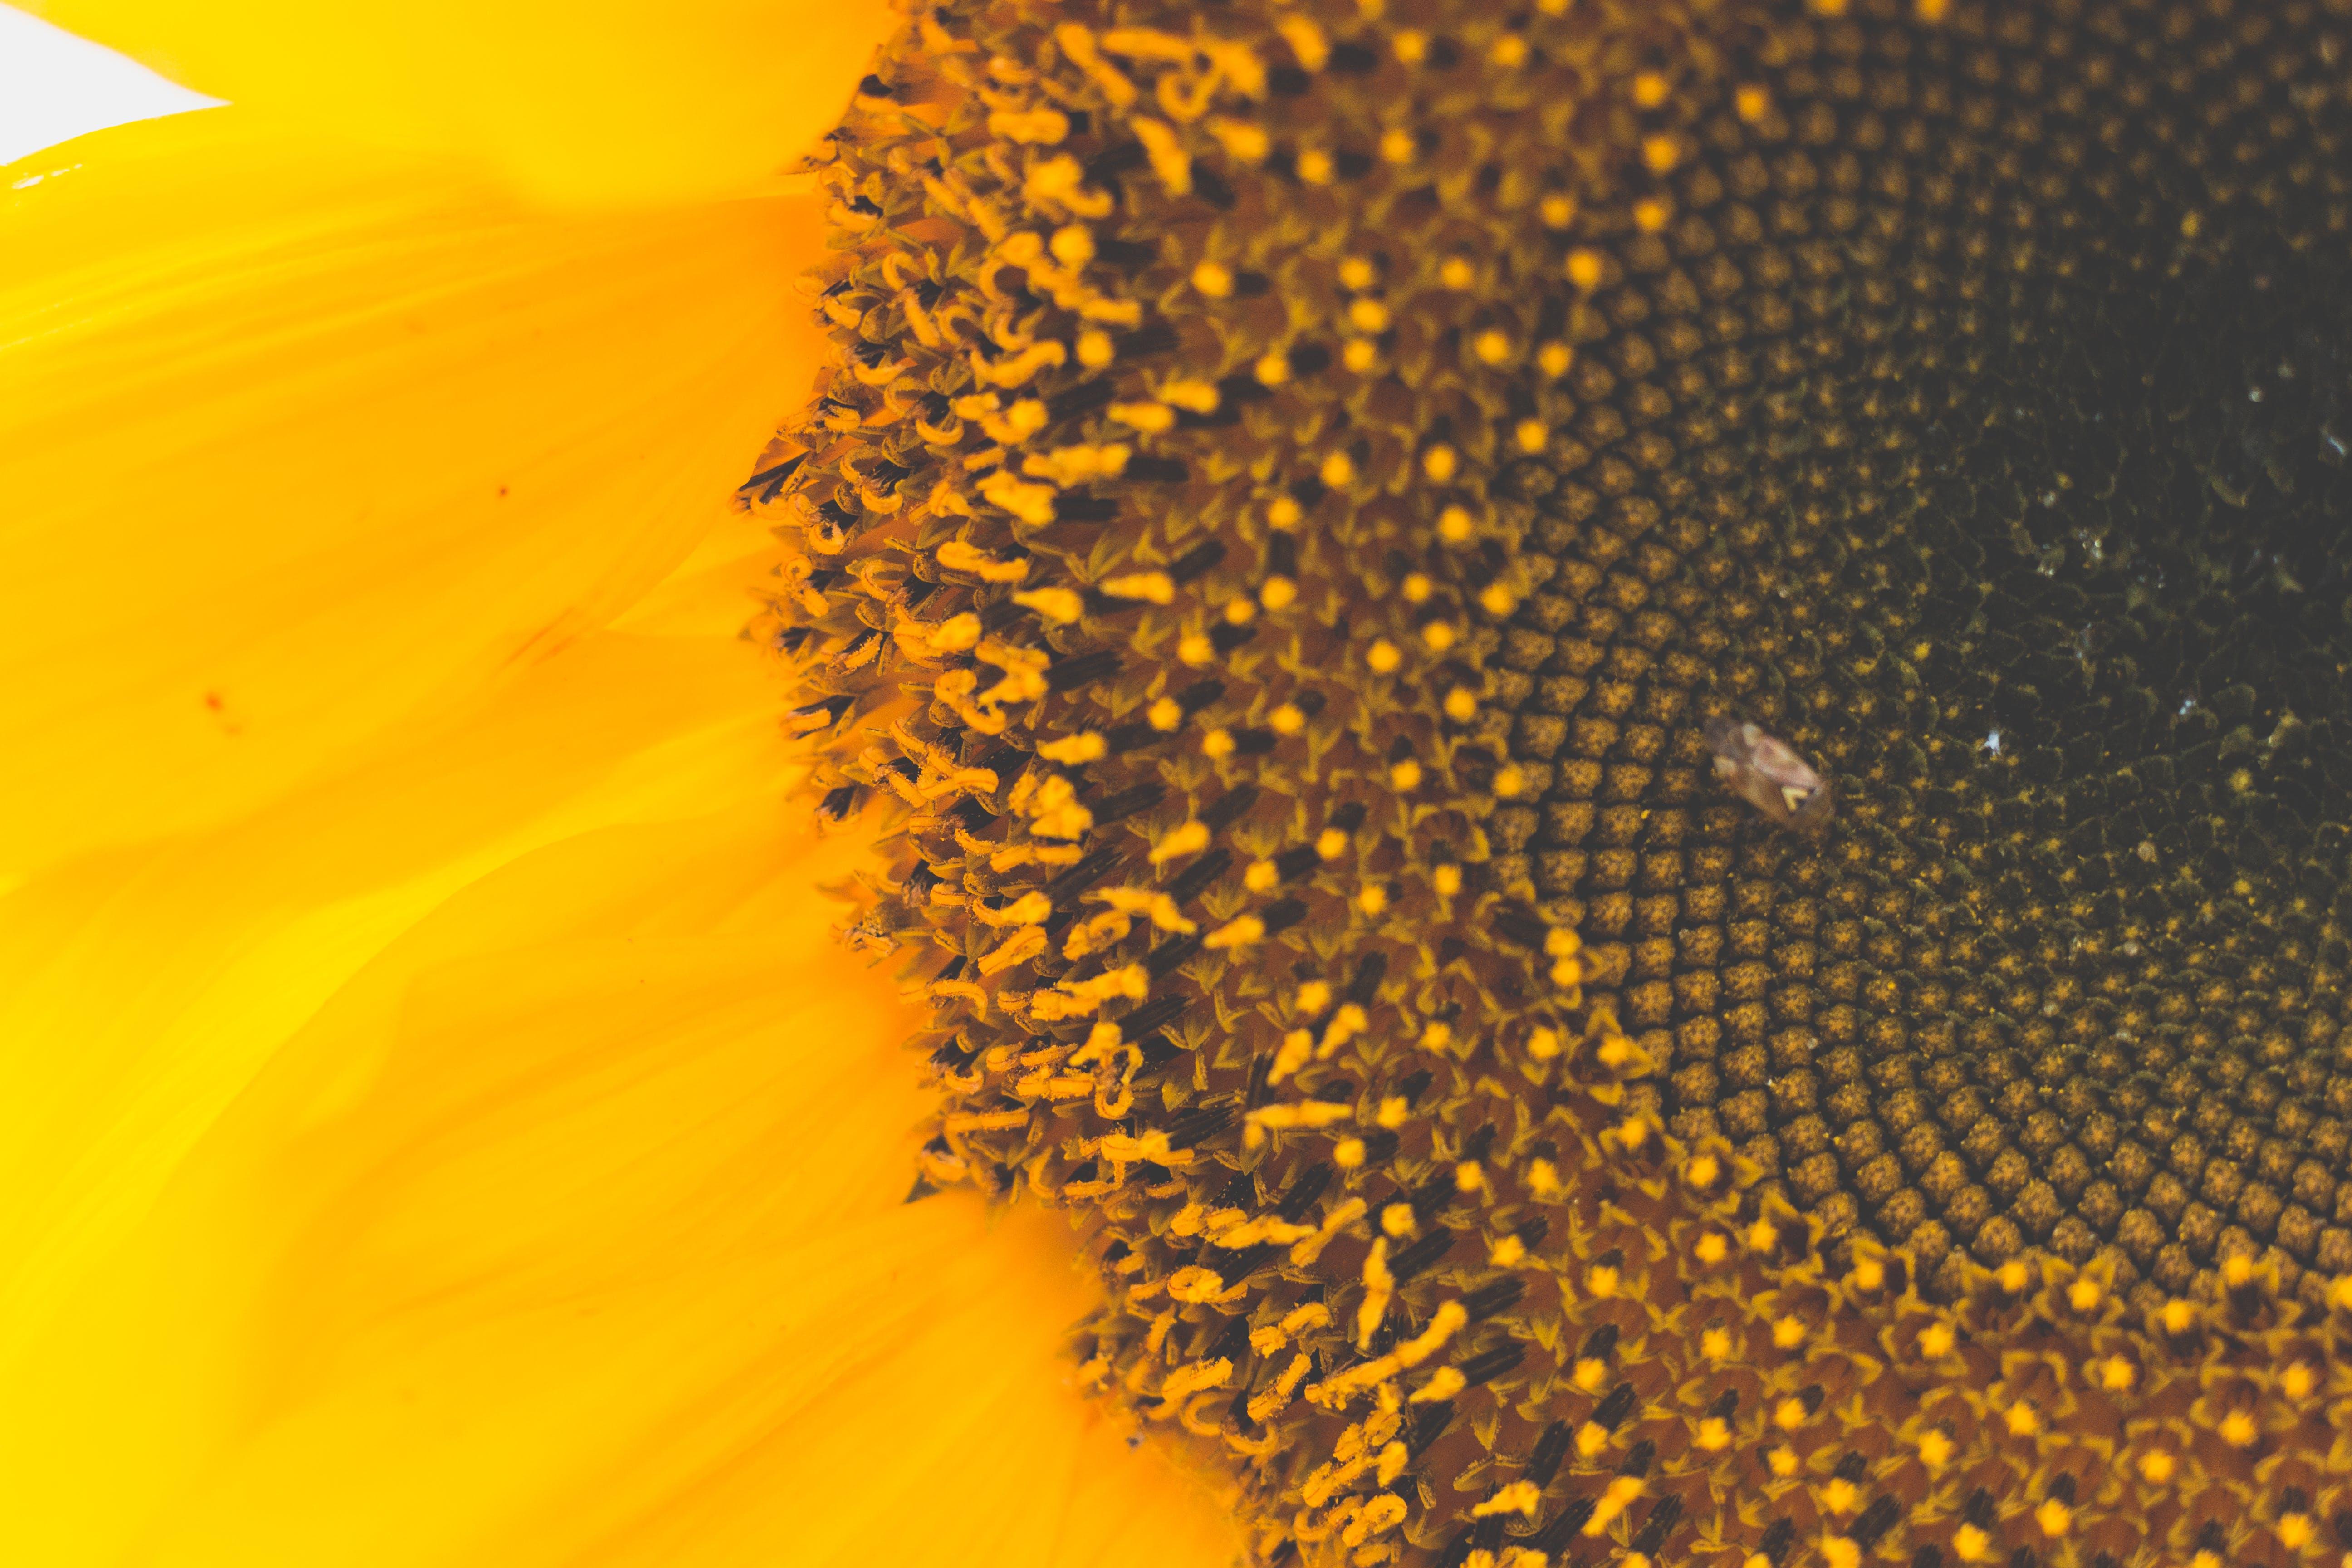 Základová fotografie zdarma na téma barvy, flóra, hmyz, kytka